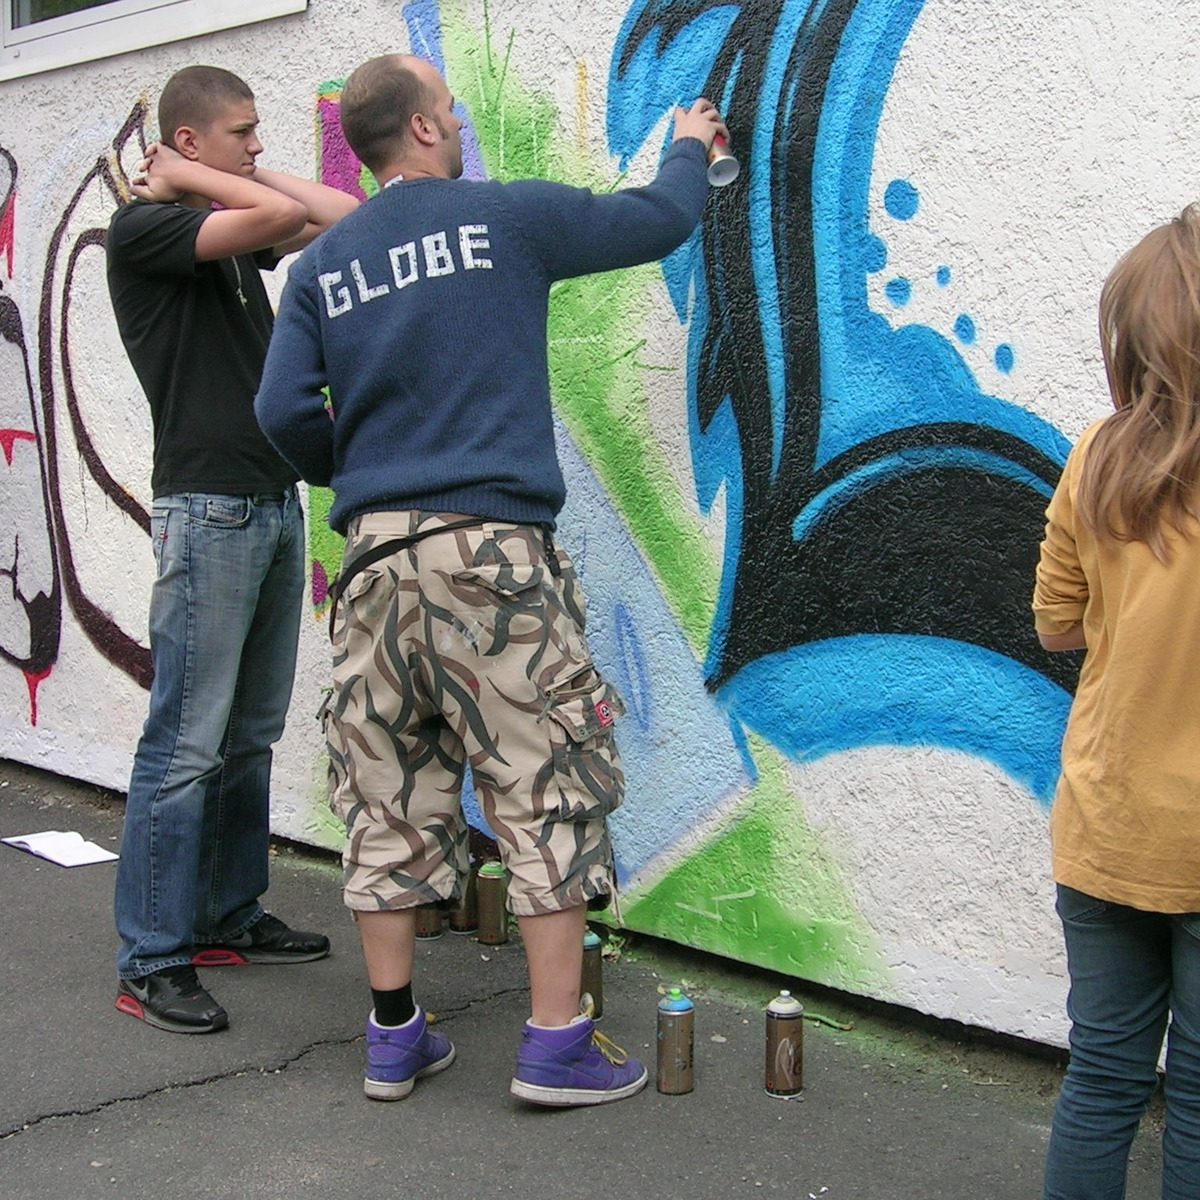 graffitiauftrag_graffitikuenstler_graffitikids_artmos4_schiller_schule_event_graffiti_offenbach_7